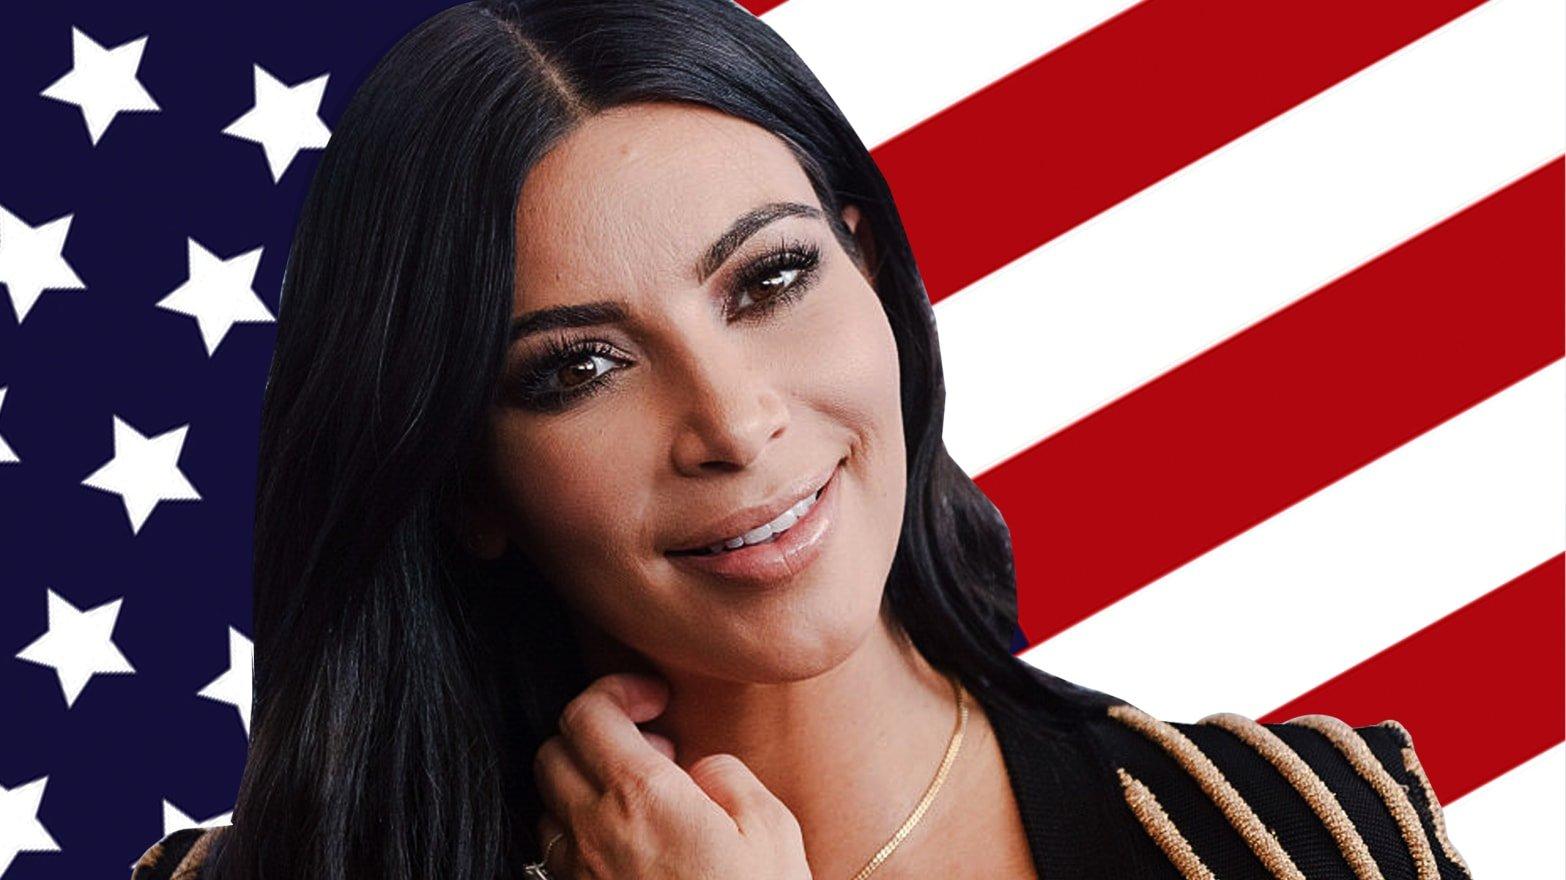 Kim Kardashian política; Kim Kardashian debuta en 'SNL' con un irreverente monologo que puso a reír a internet